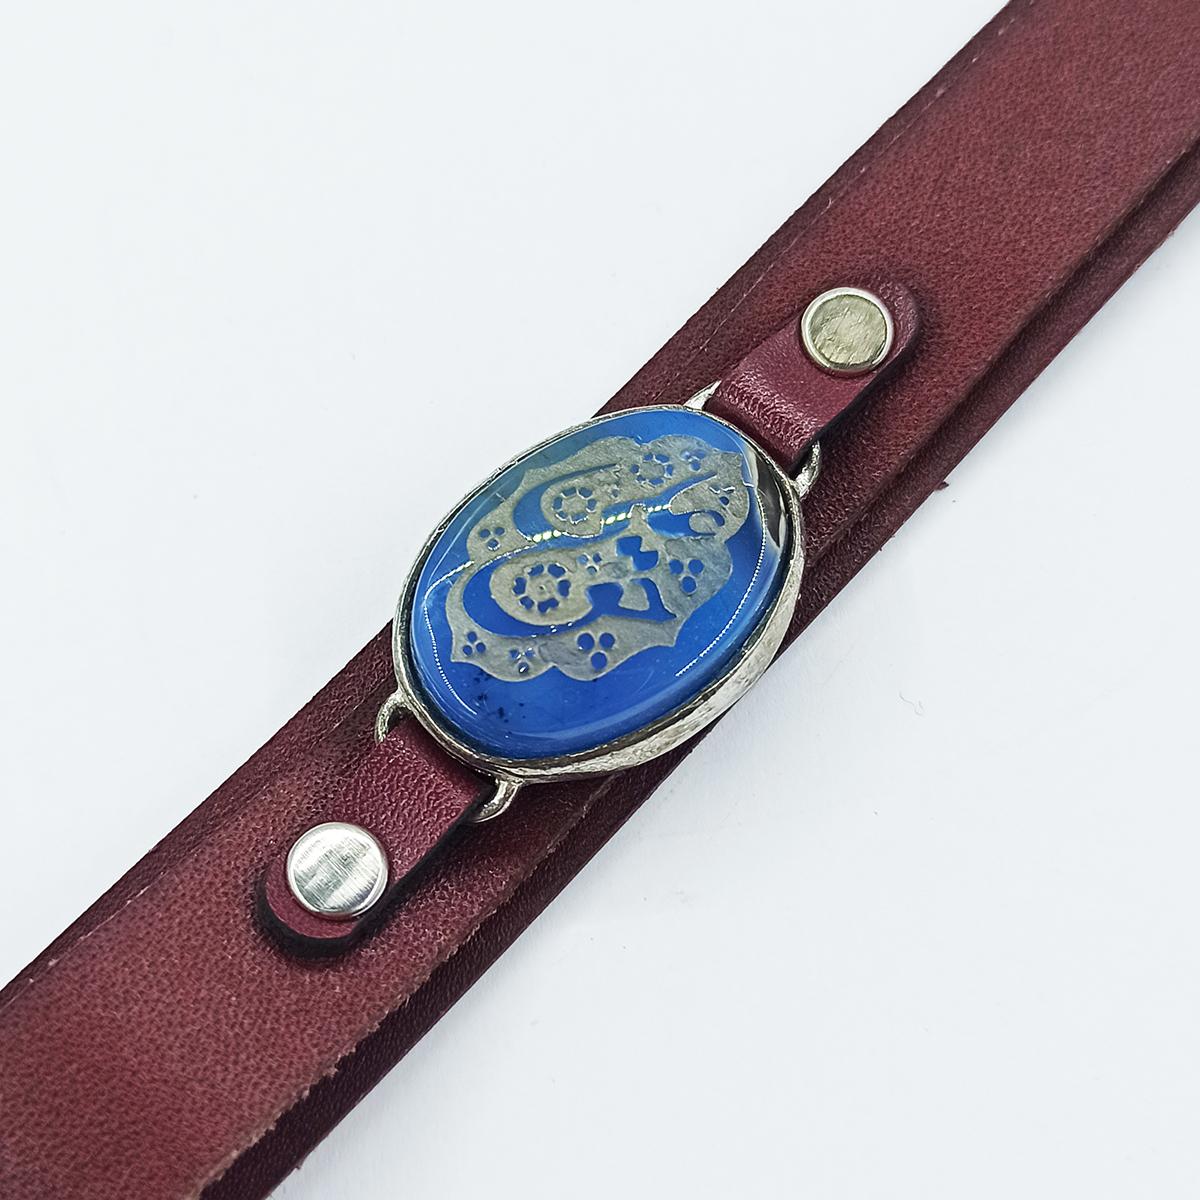 دستبند مردانه سلین کالا مدل عقیق خطی کد ce-As103